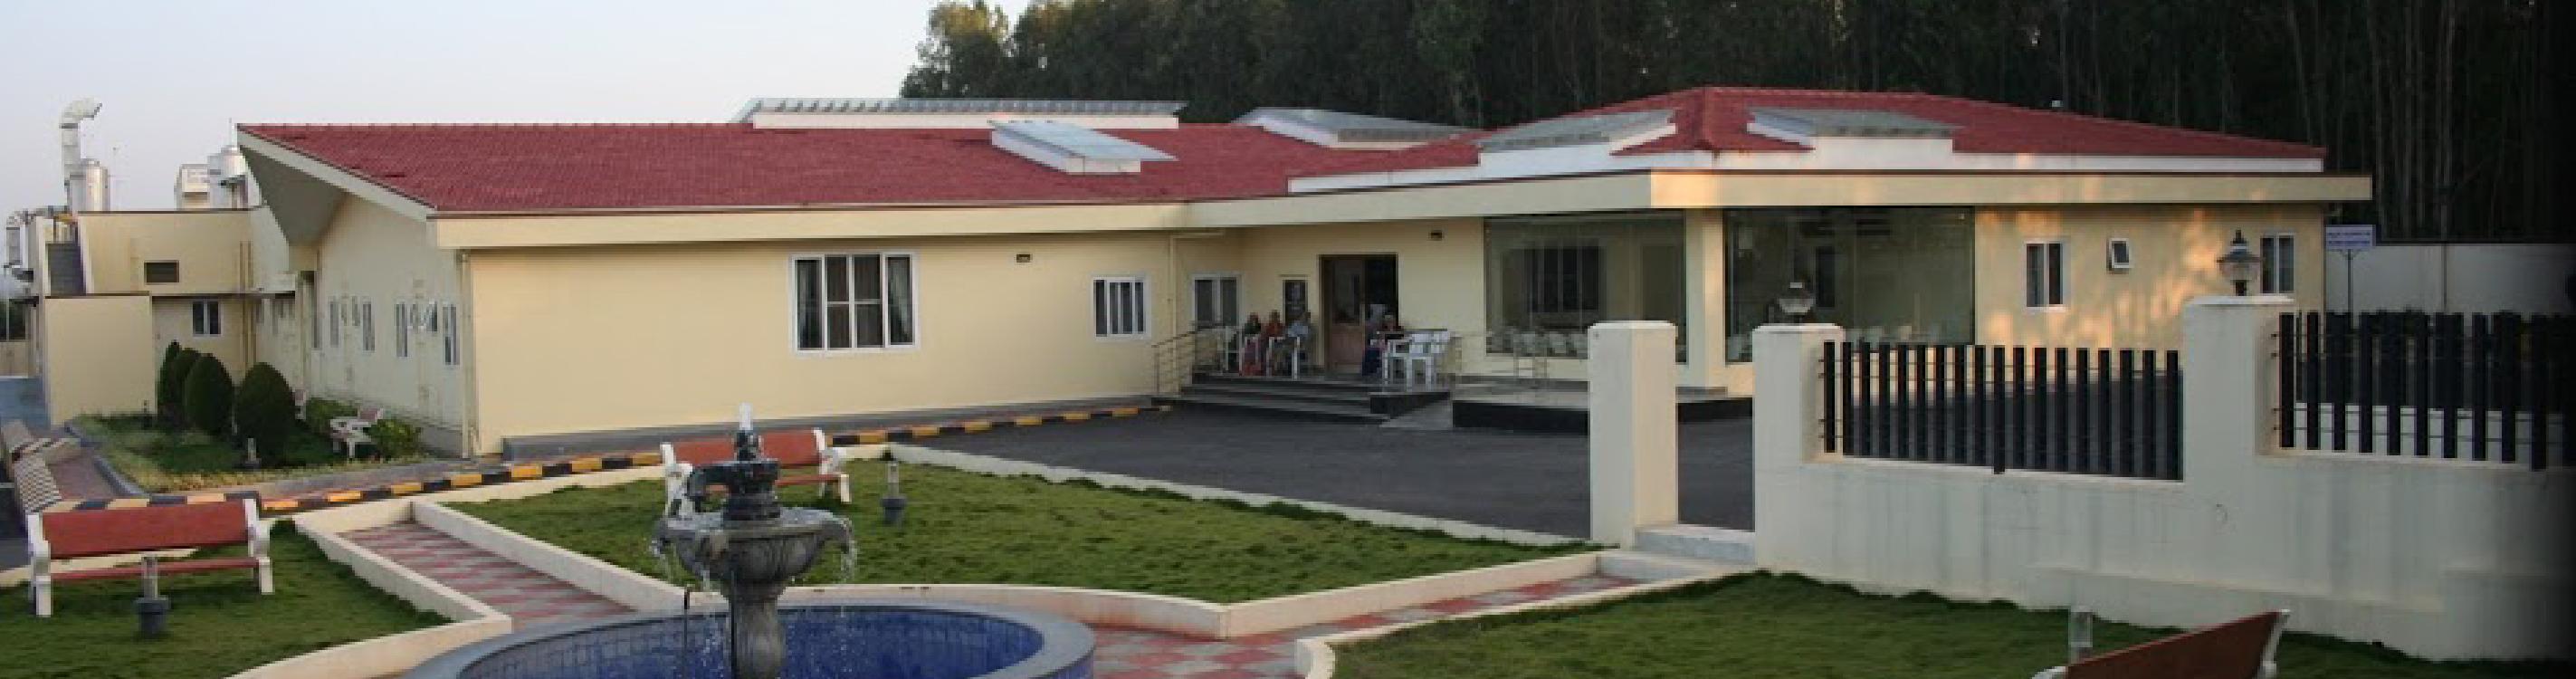 Geriatric Care Home